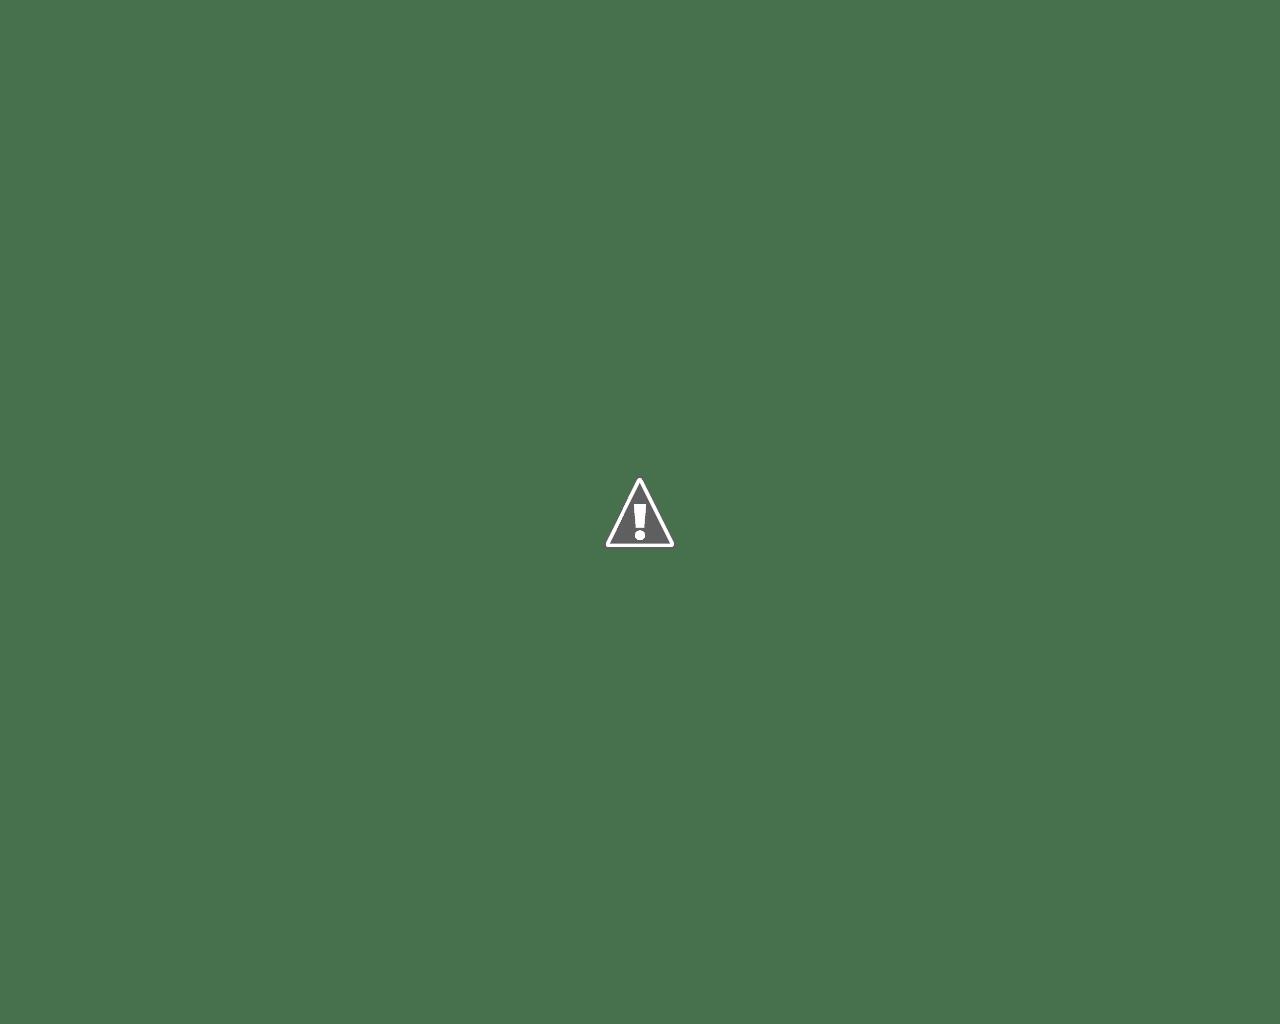 Plan du cargo Jumièges adressé par Jean-Claude Rihal